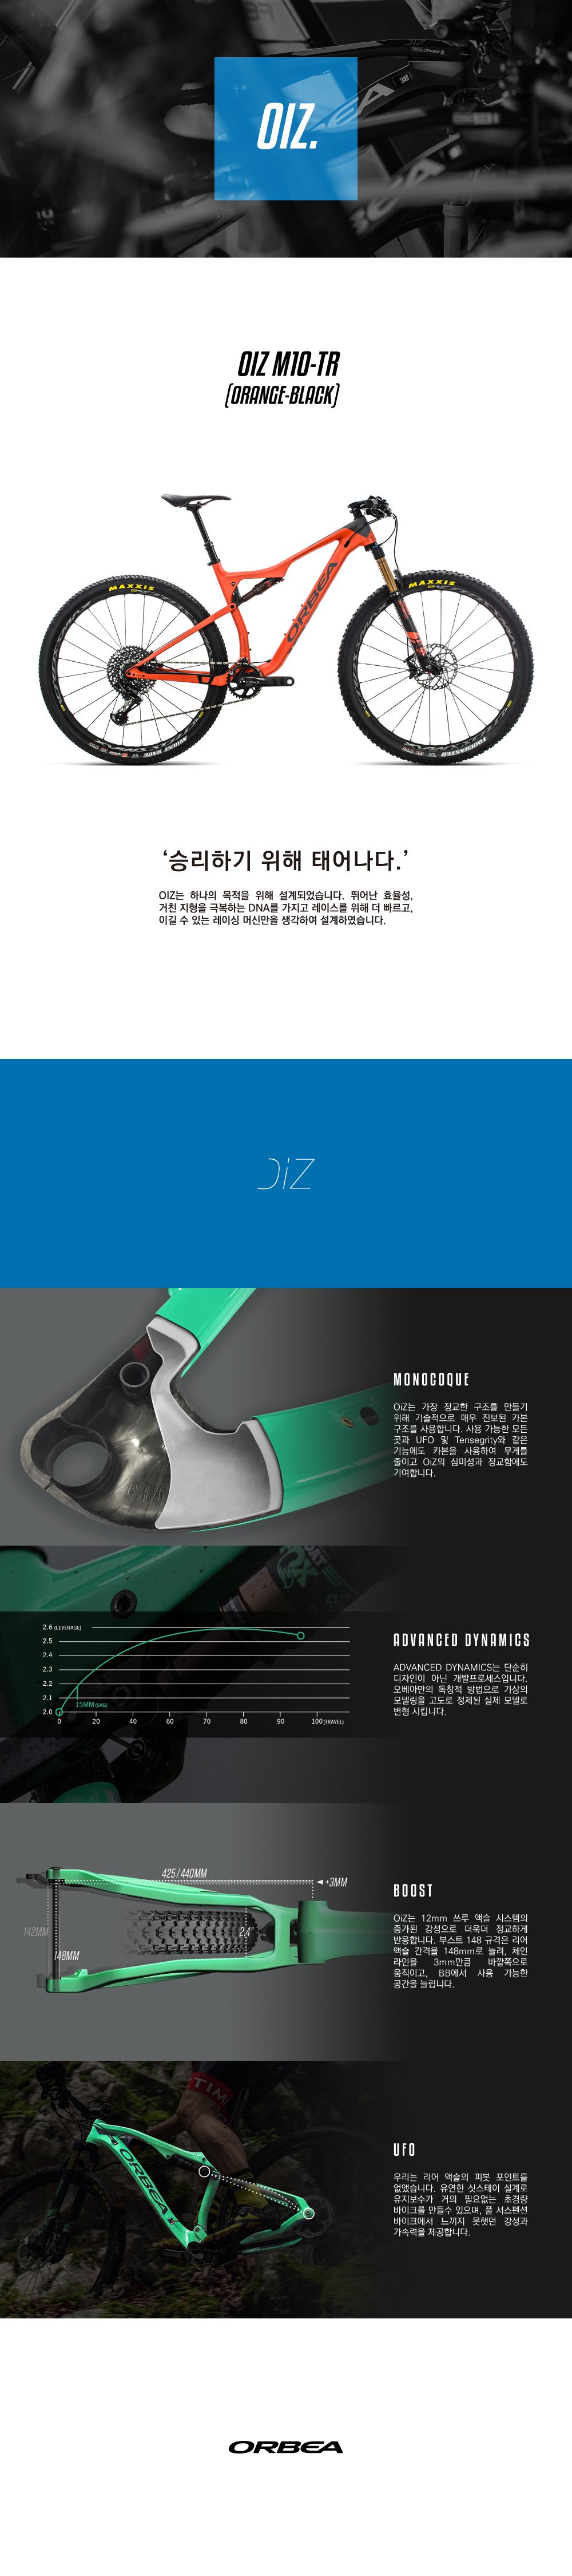 OIZ-M10-TR_ORANGE-BLACK.jpg